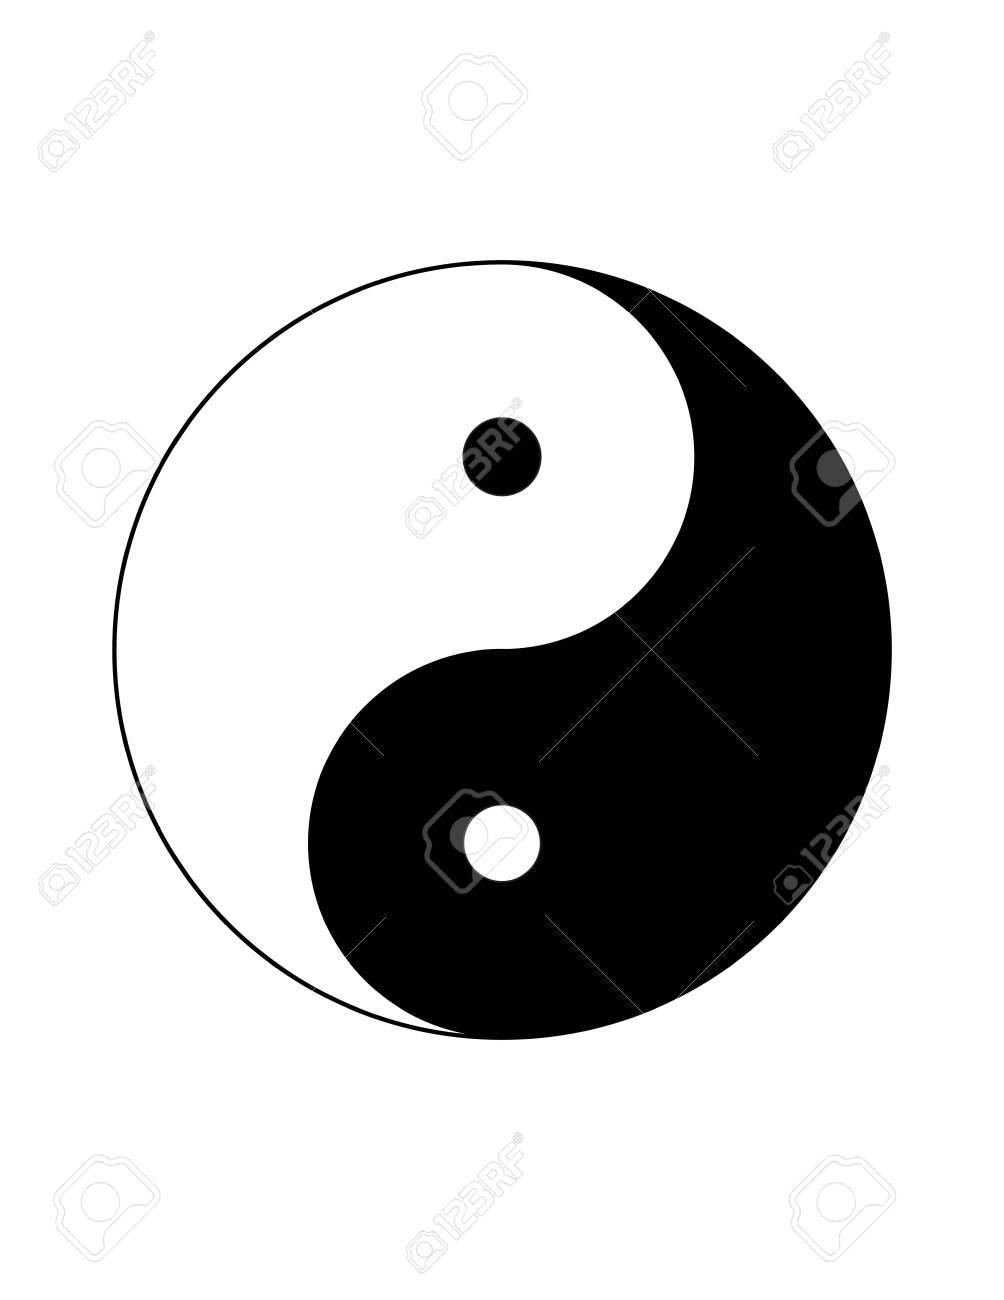 Monochrome black and white Yin Yang chinese symbol isolated on white background - 153023810